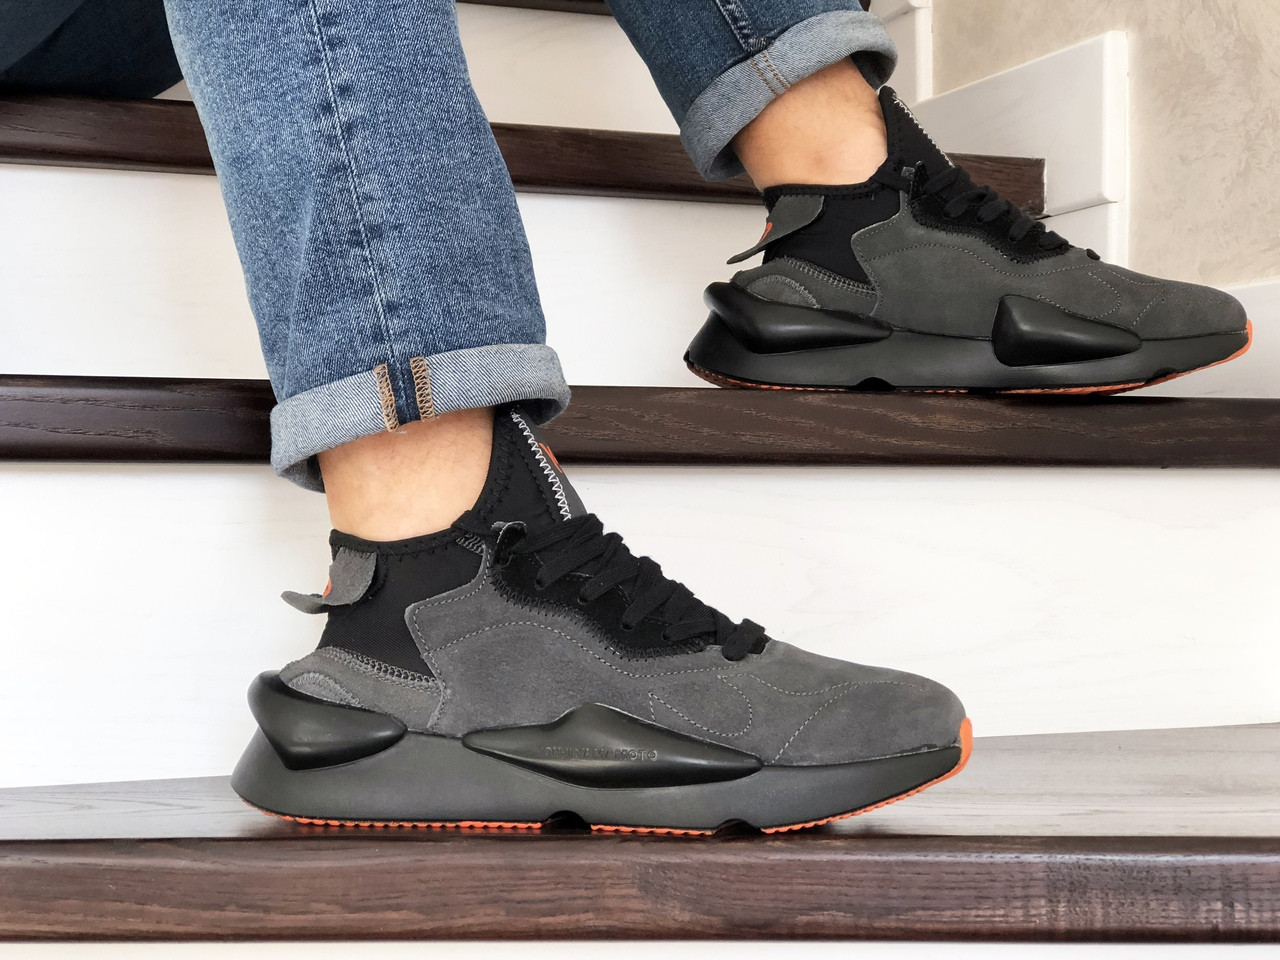 Кроссовки (в стиле) мужские Adidas Y-3 Kaiwa,замшевые,серые